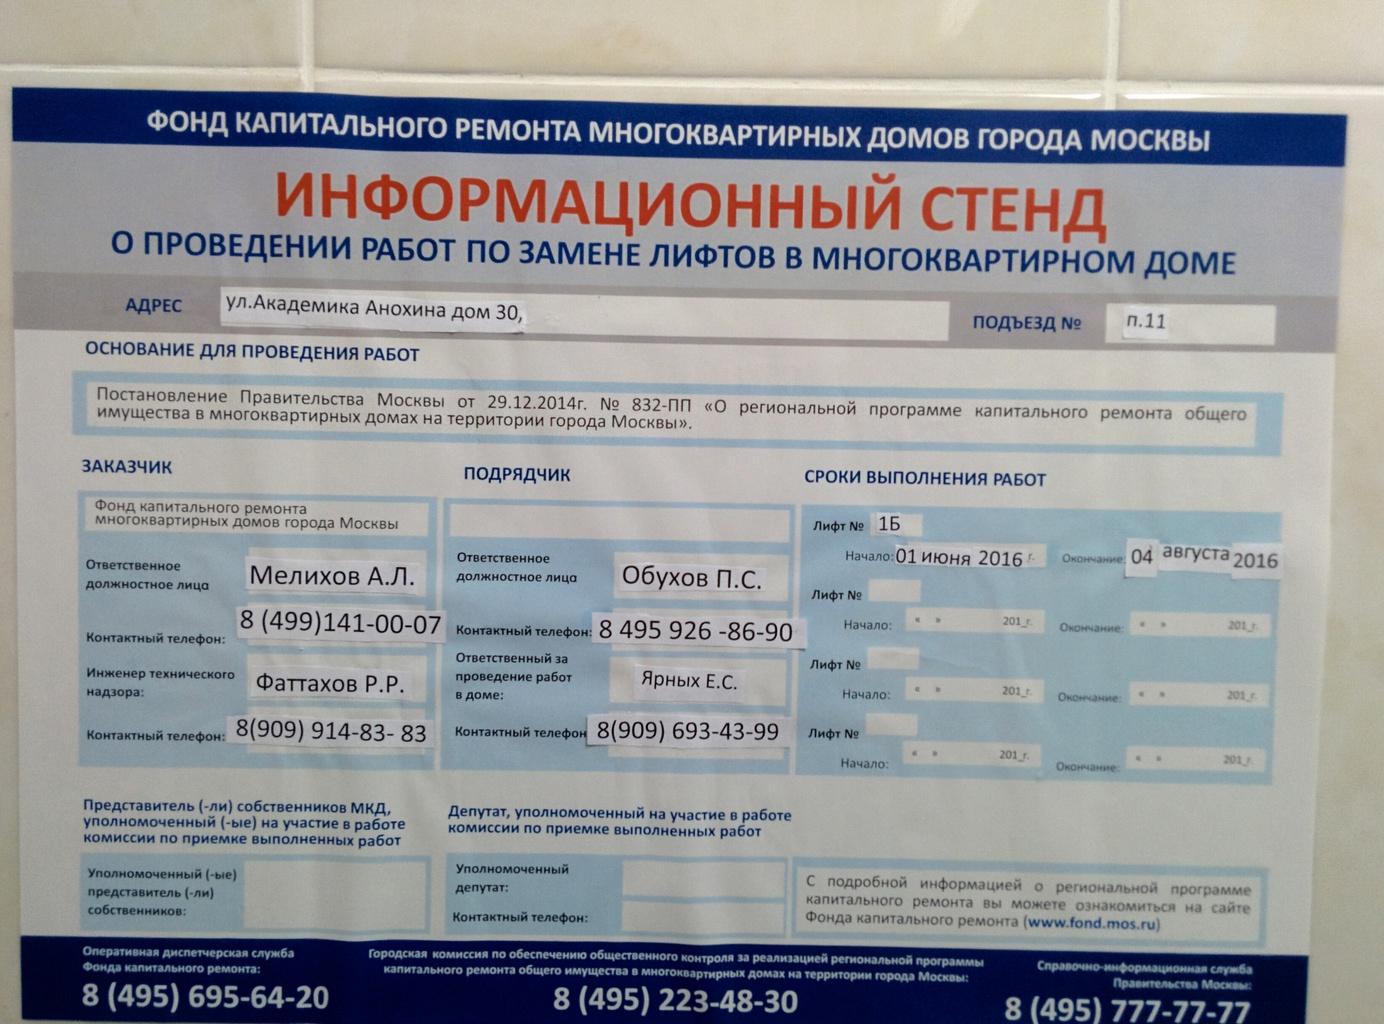 Фонд капитального ремонта москвы телефон